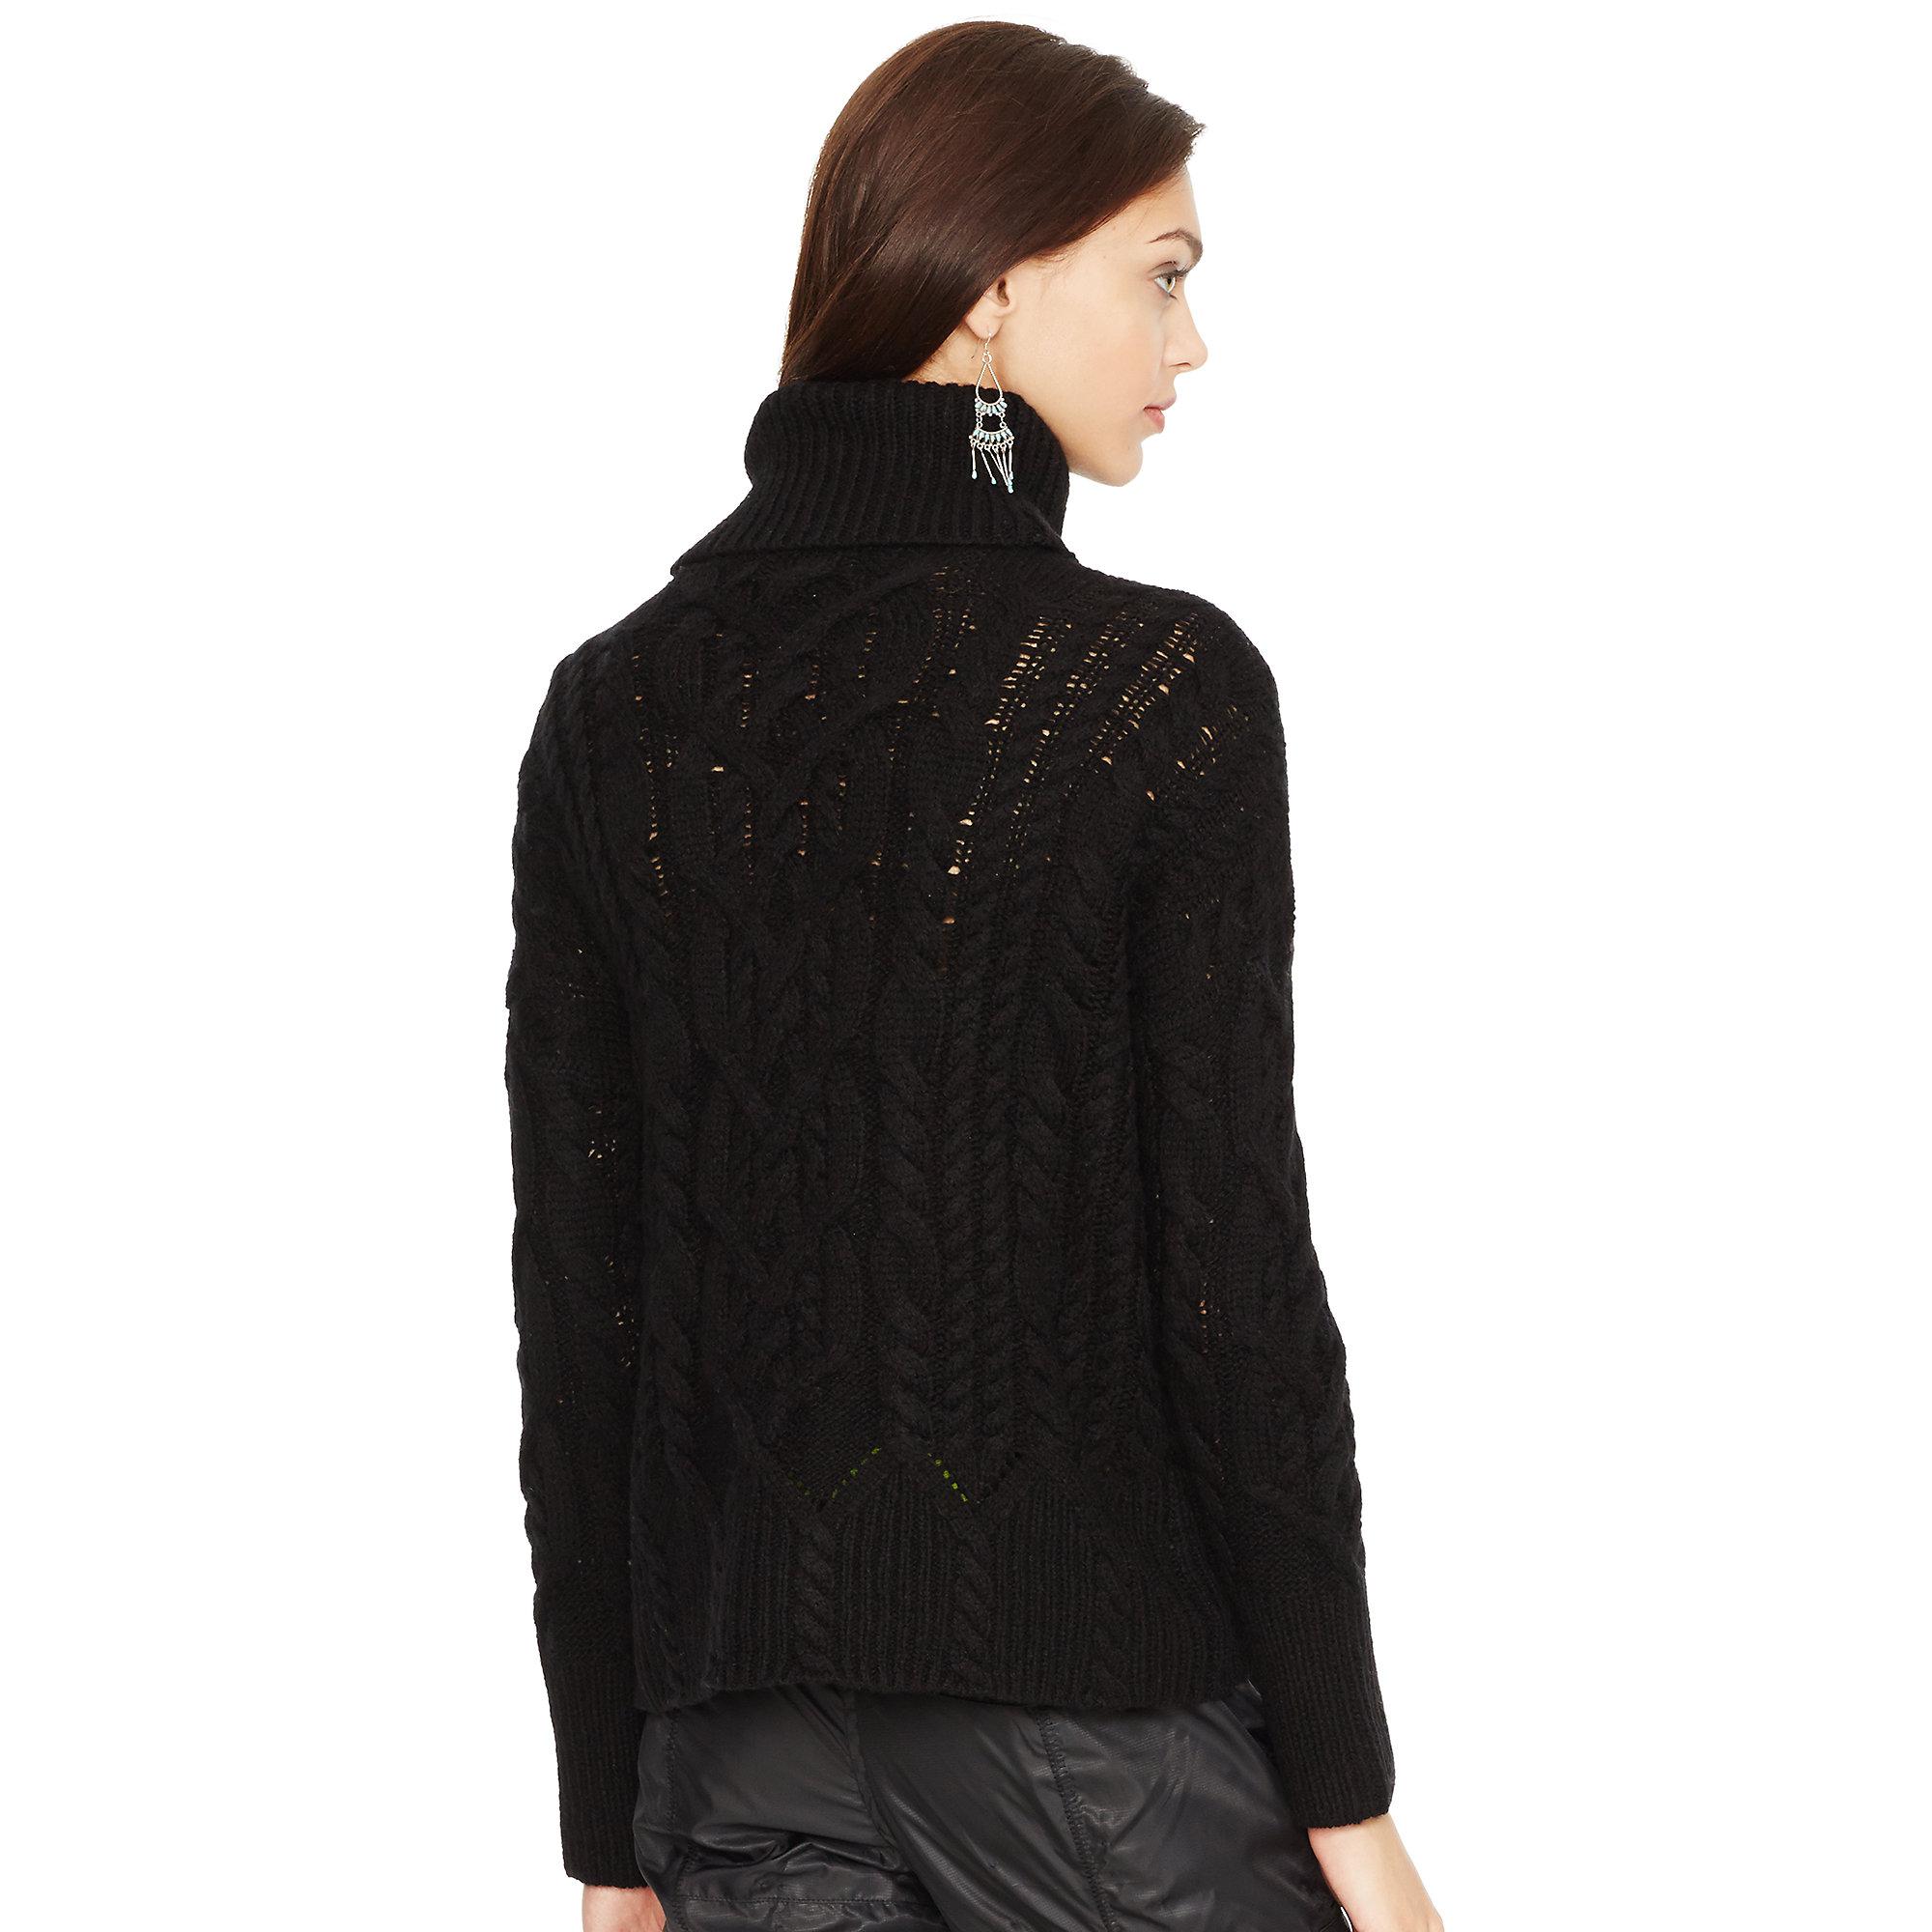 Polo Ralph Lauren Aran-Knit Turtleneck Sweater in Black - Lyst